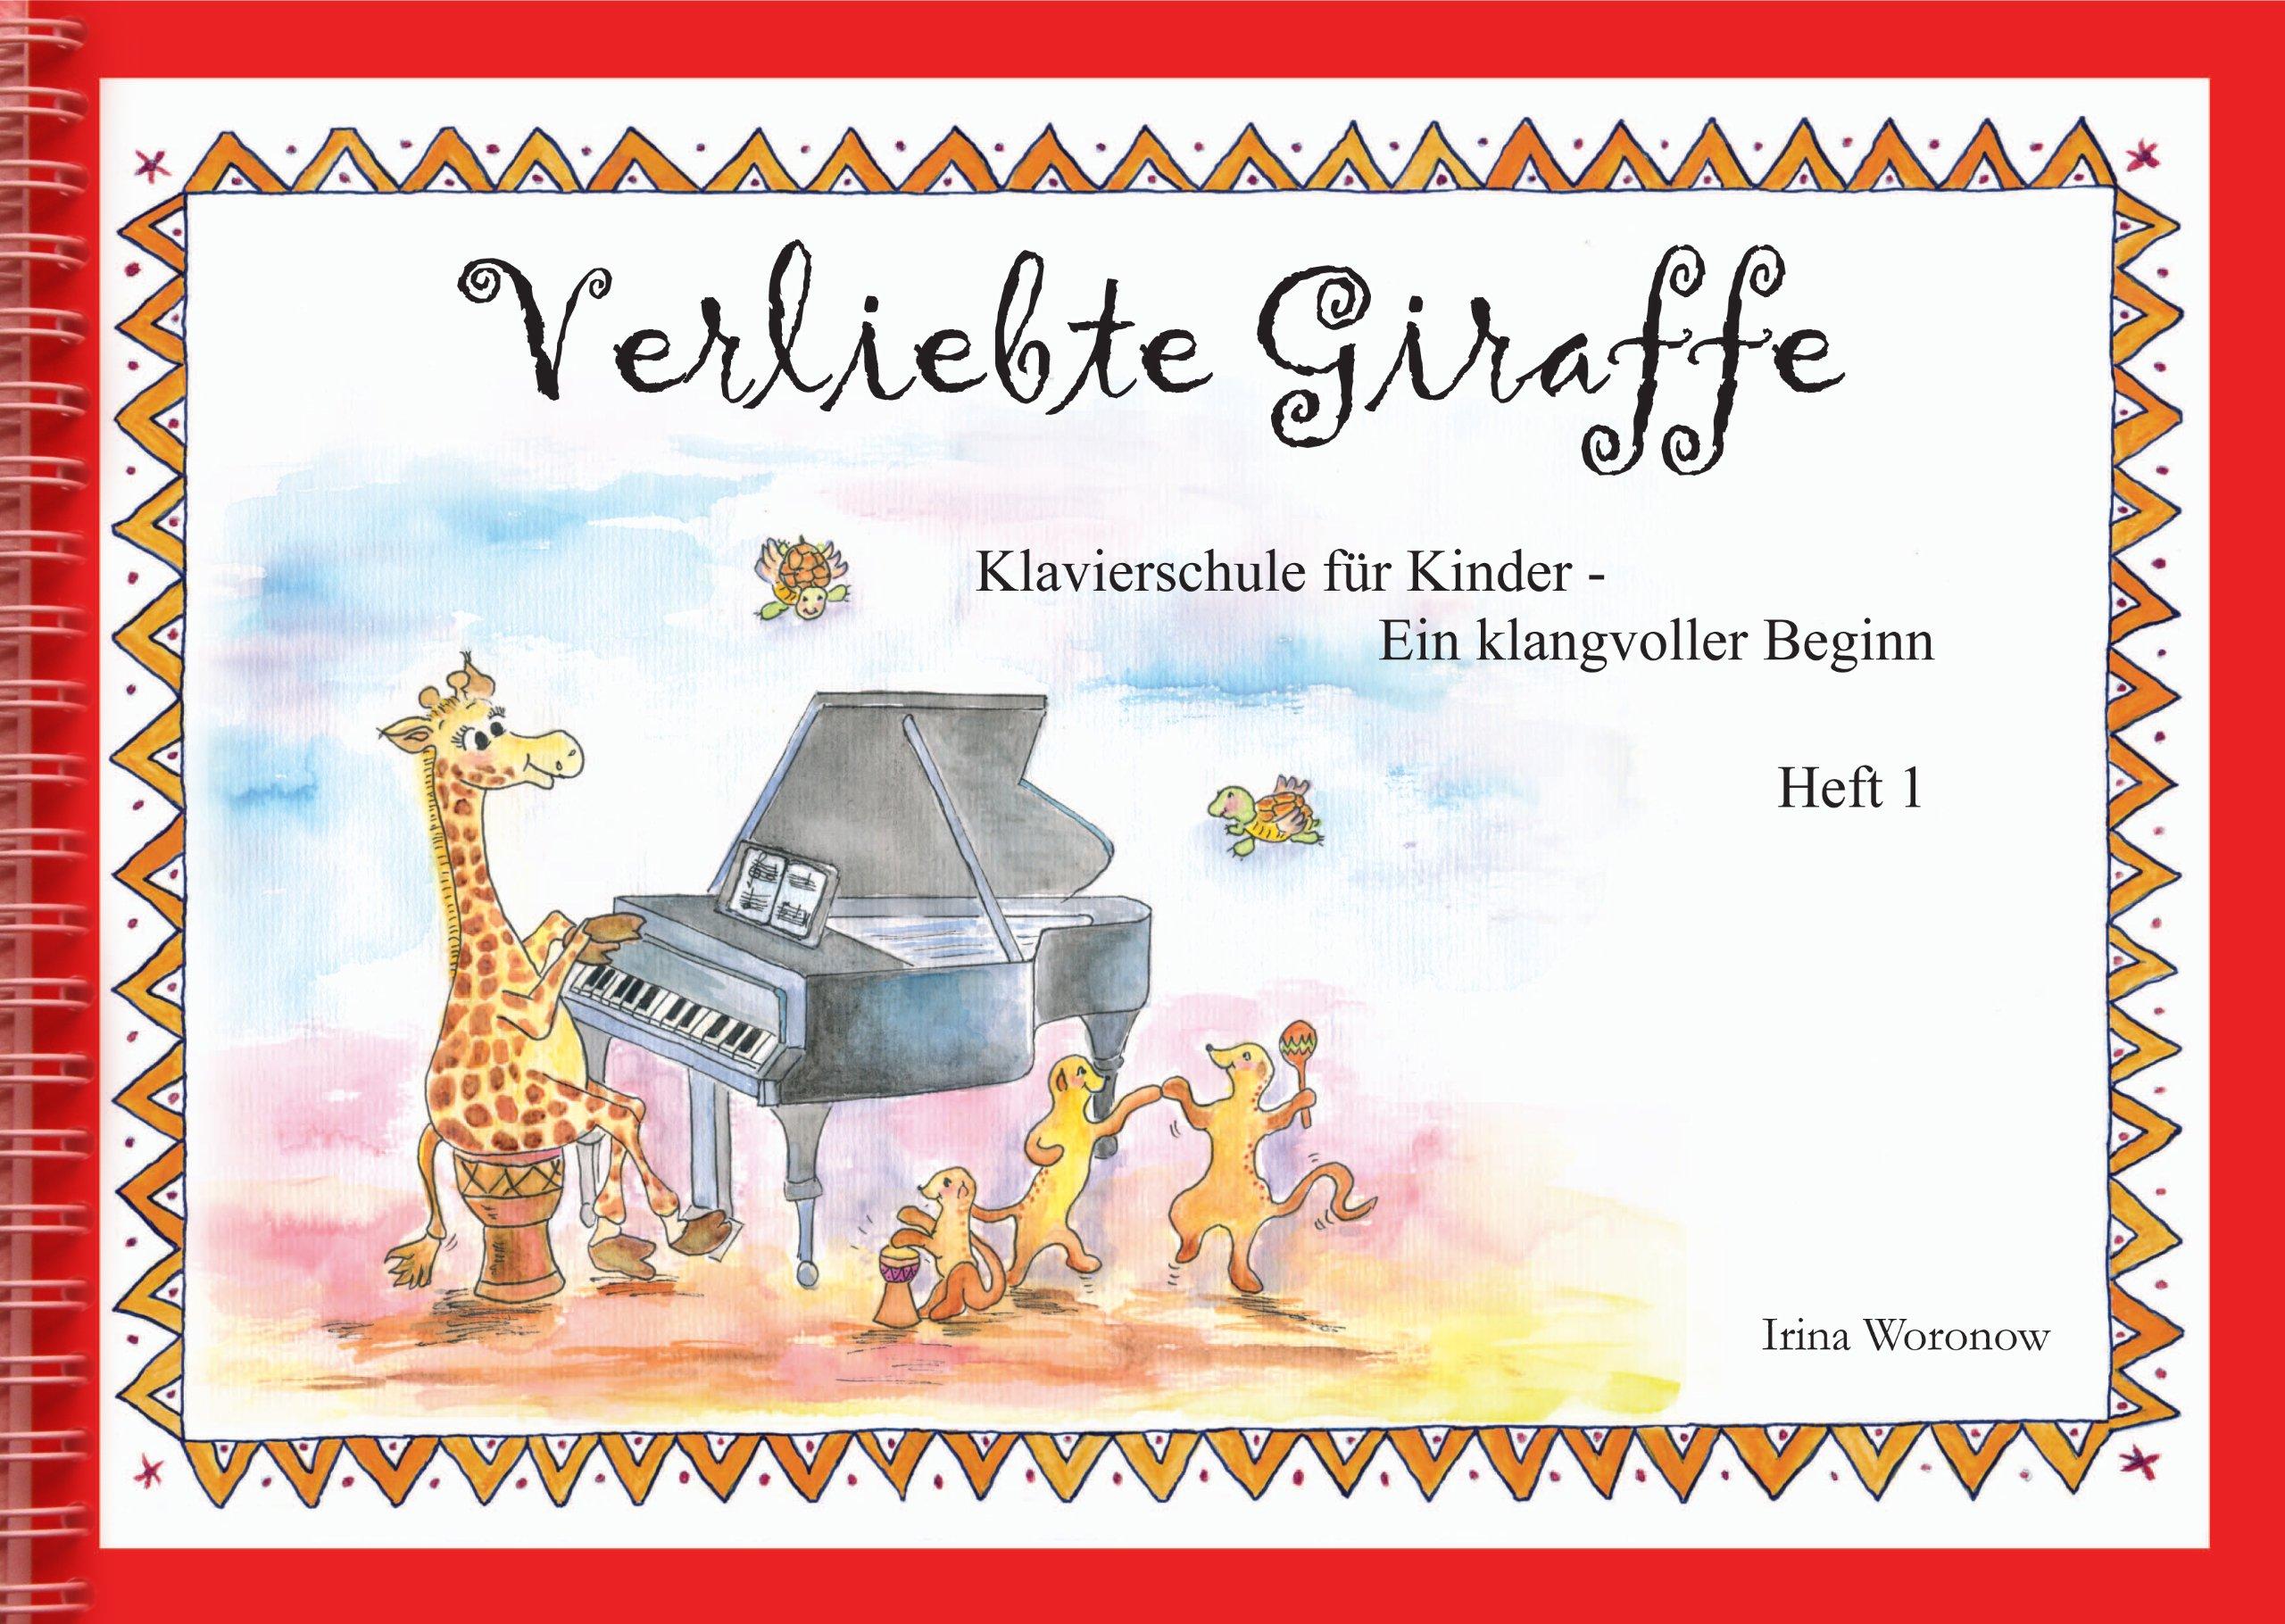 Verliebte Giraffe : Klavierschule für Kinder, Heft 1